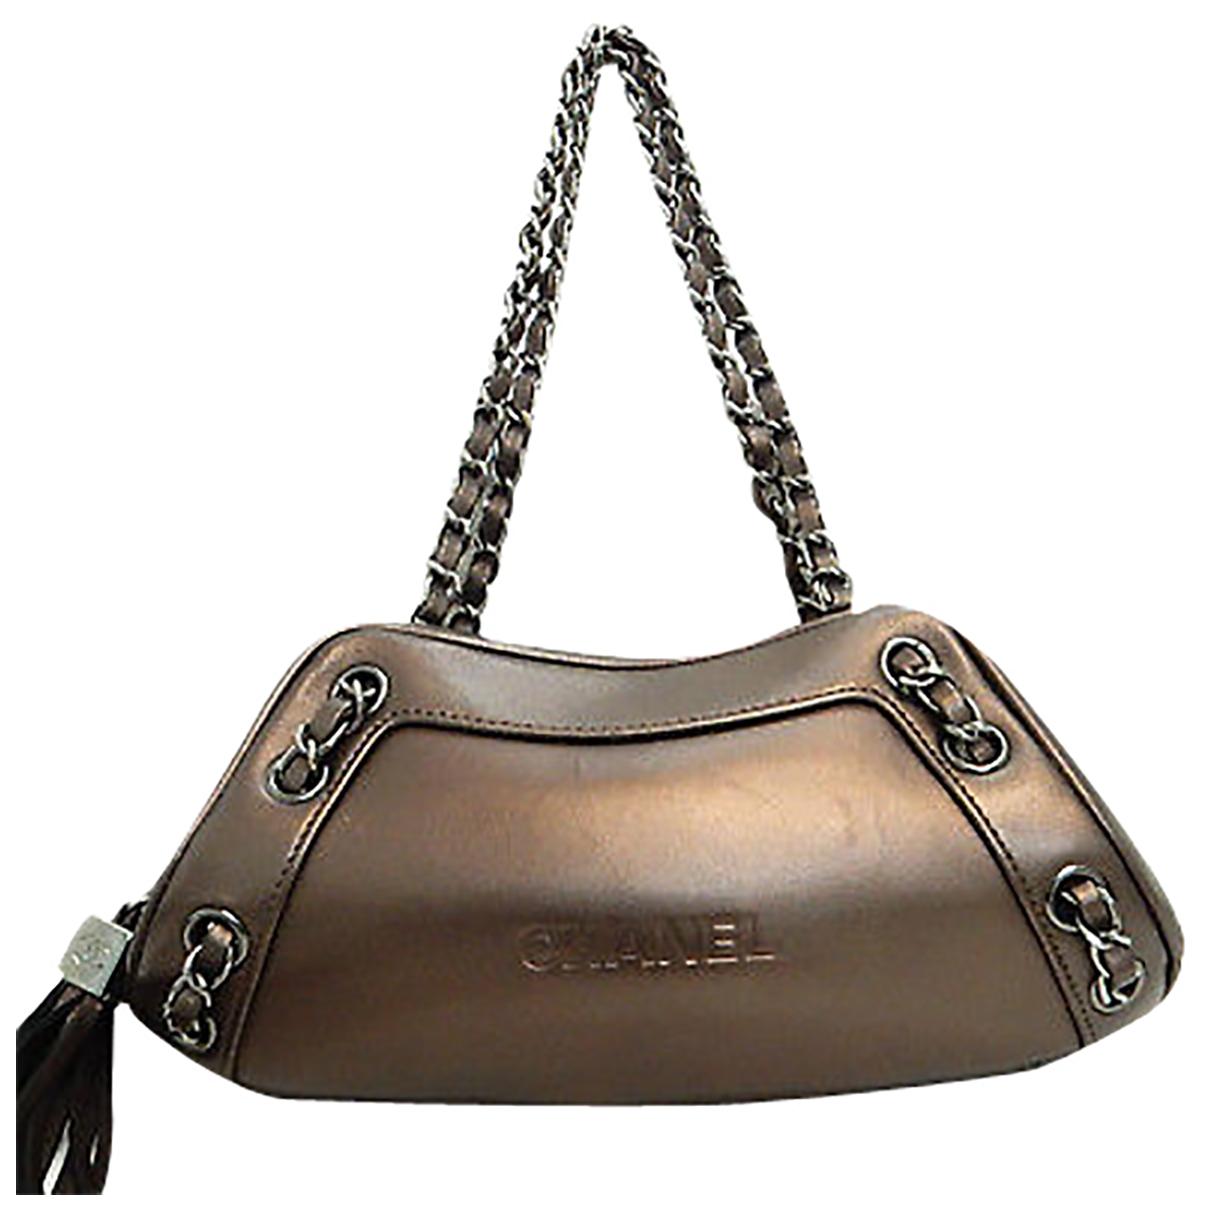 Chanel \N Brown Metal handbag for Women \N